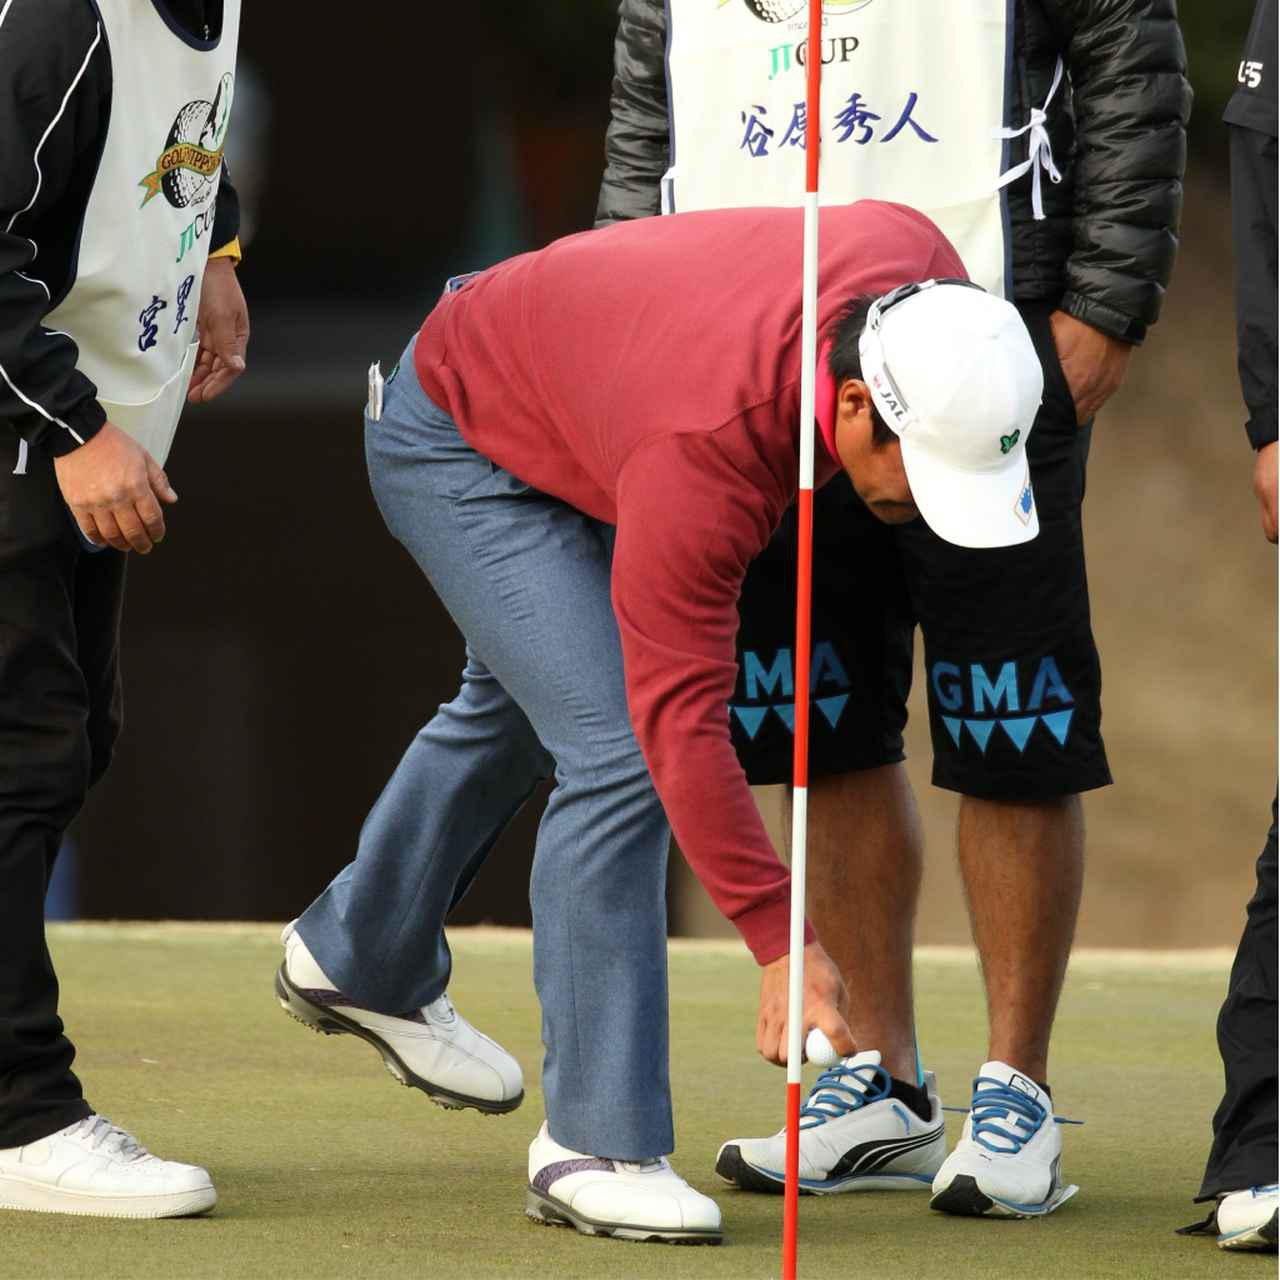 画像15: 【ゴルフ史】記憶と記録に残る。21世紀ニッポンのツアー、そのとき歴史は動いた